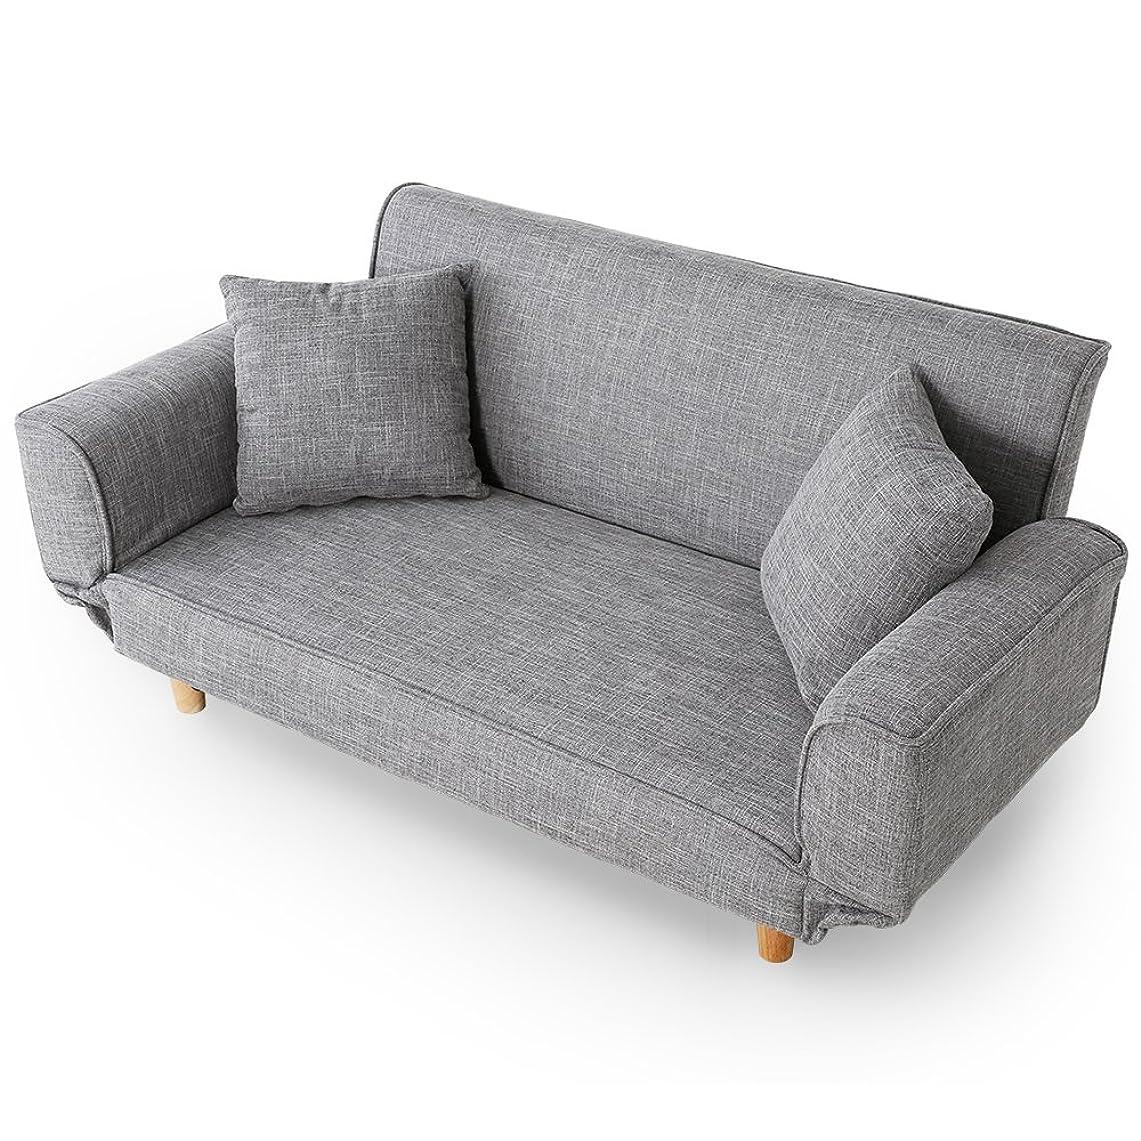 傾向ぼかしスタジアムLOWYA ソファ ソファベッド リビングソファ 二人掛け ソファセット sofa グレー